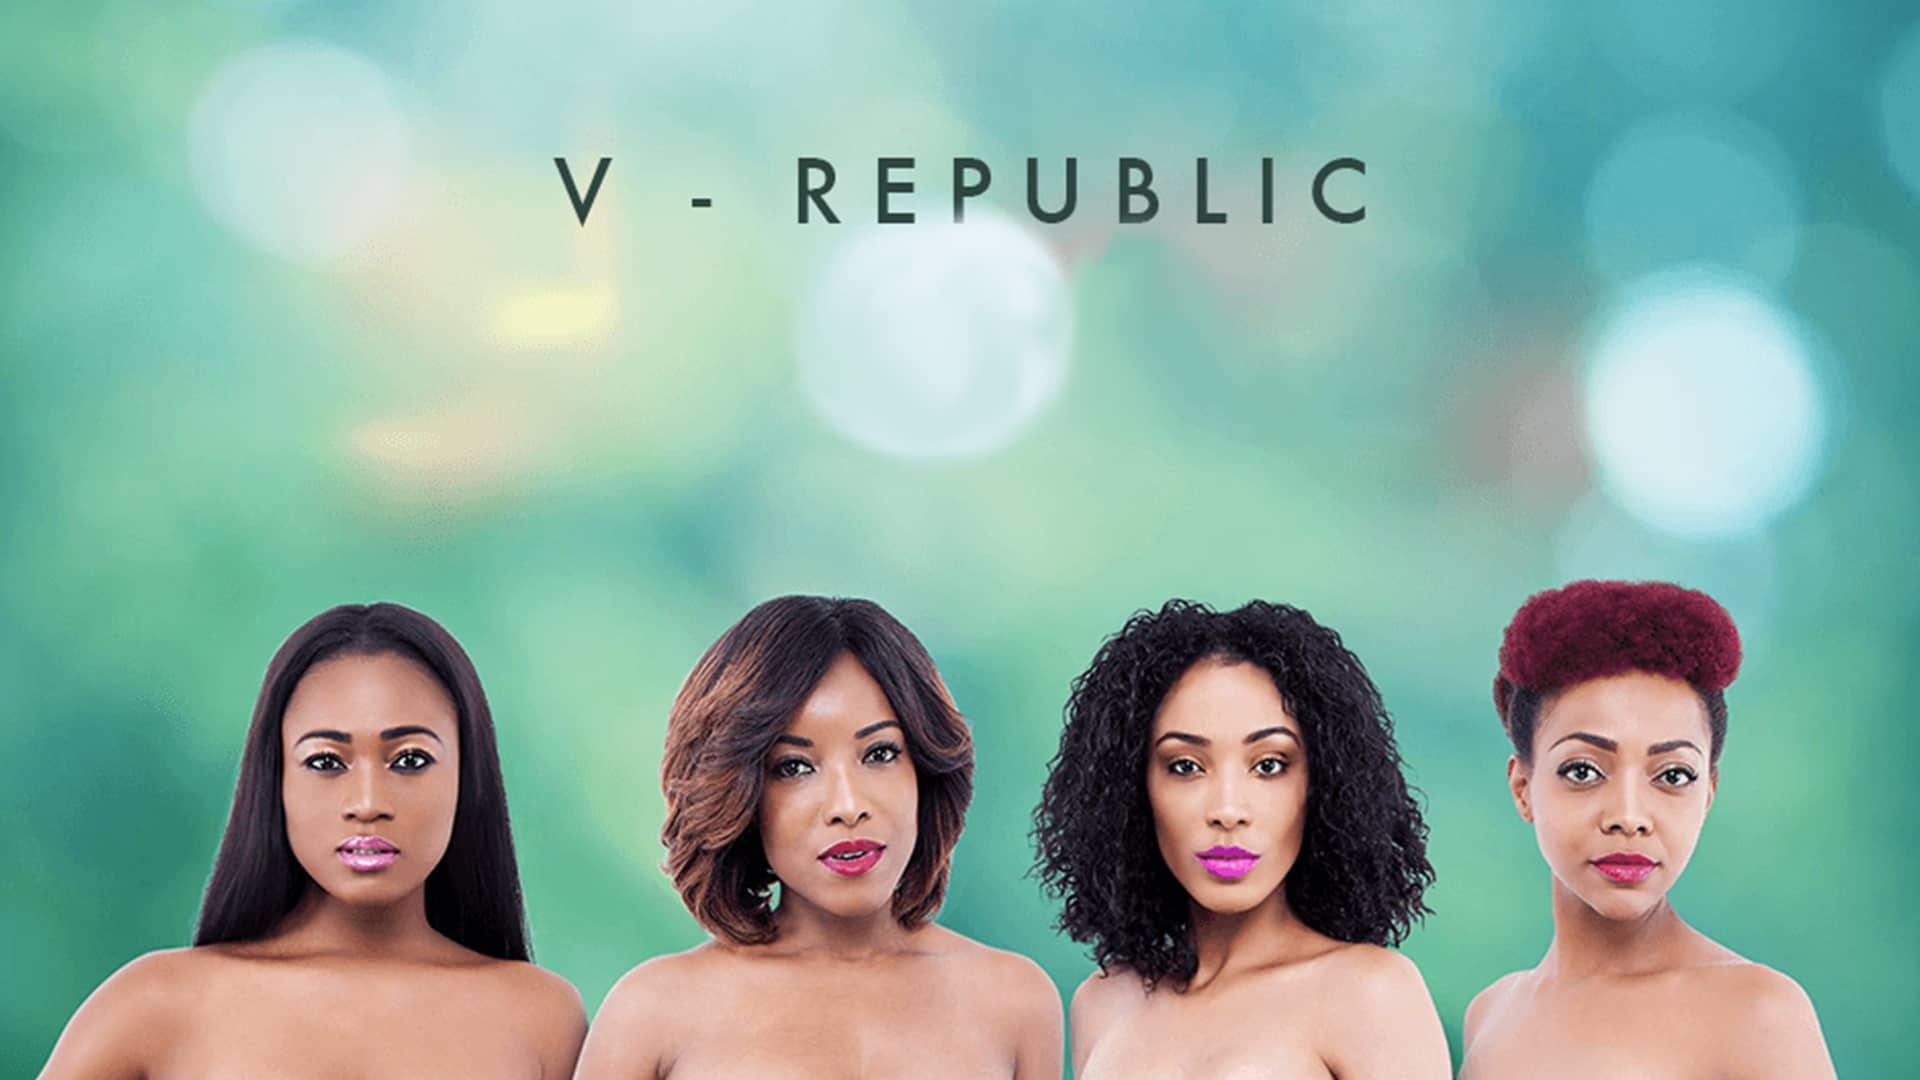 V Republic Poster 1920x1080 16x9